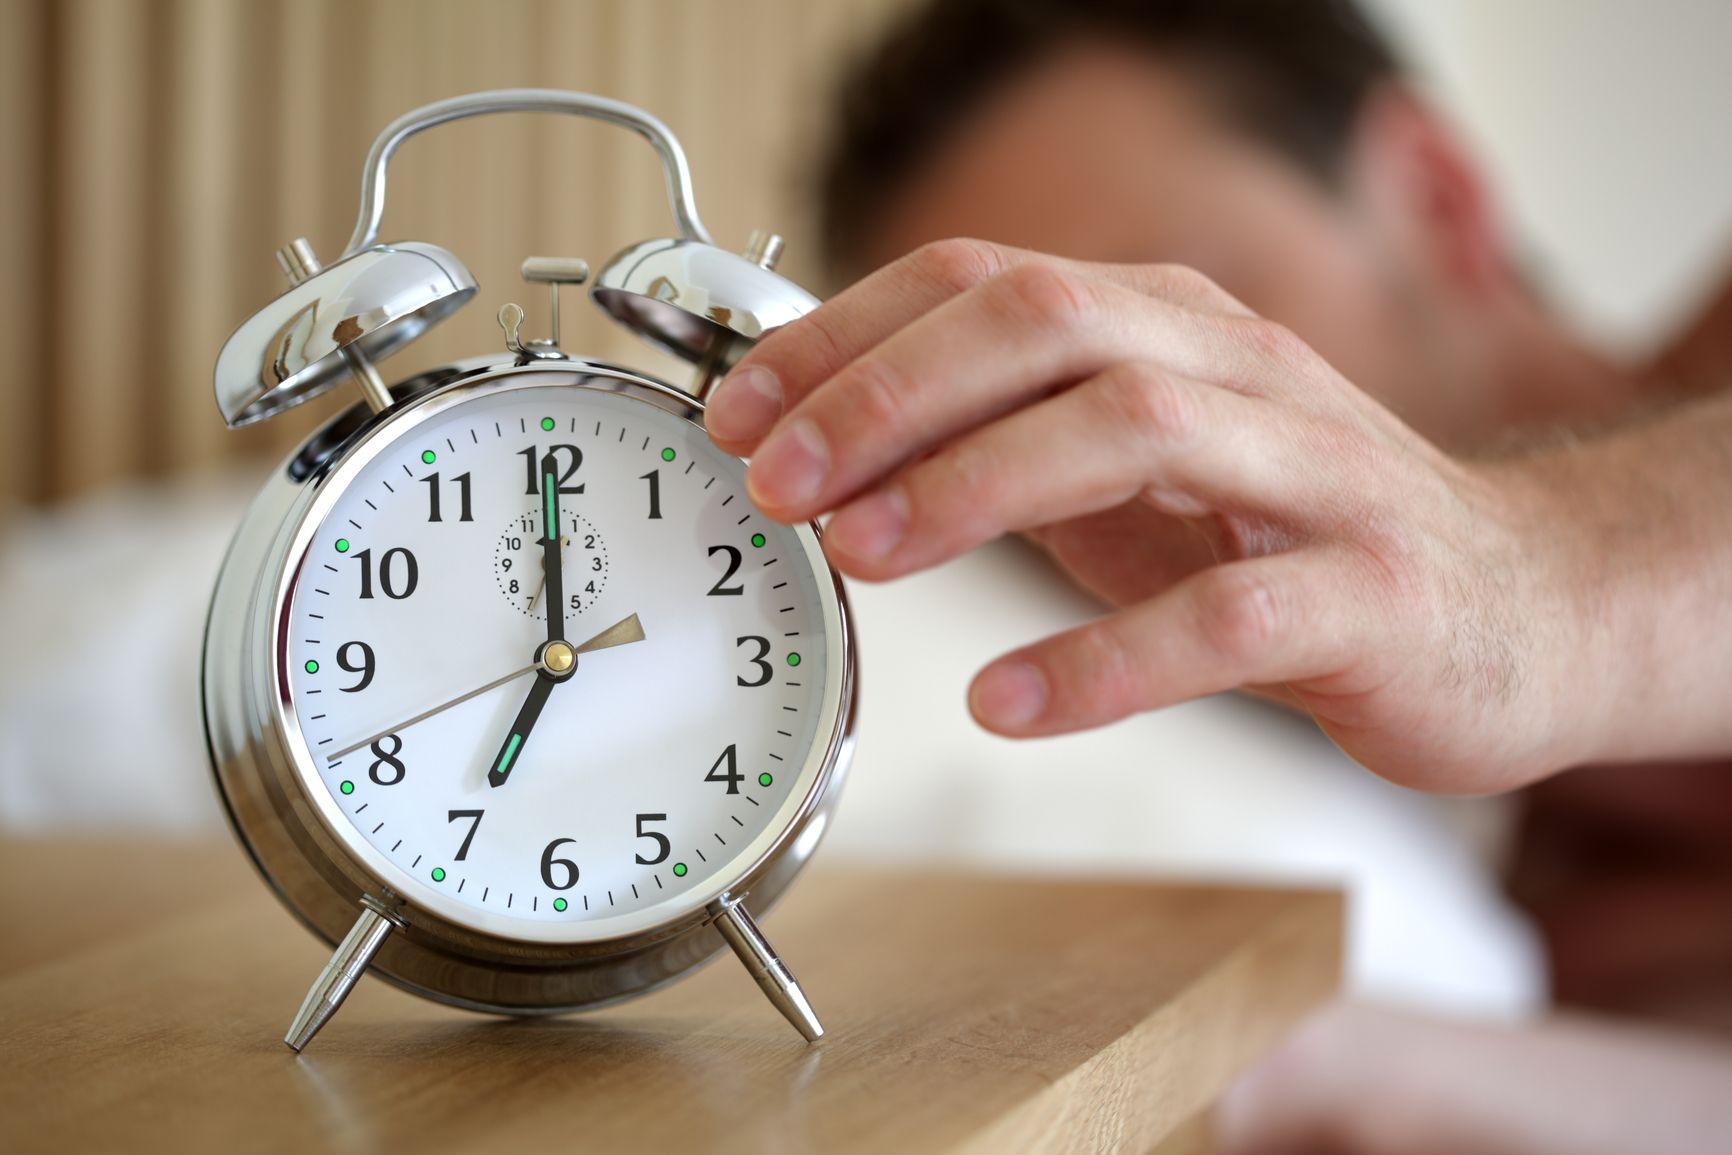 LUNES …¿descansados? ¿listos para comenzar la semana? La postura en la que dormimos determina la calidad de nuestro descanso ¿sabíais que la posición recomendada por los expertos es boca arriba? Facilita la respiración y deja a la espalda relajada, libre de tensiones y esfuerzos.  Y tú ¿cómo duermes?